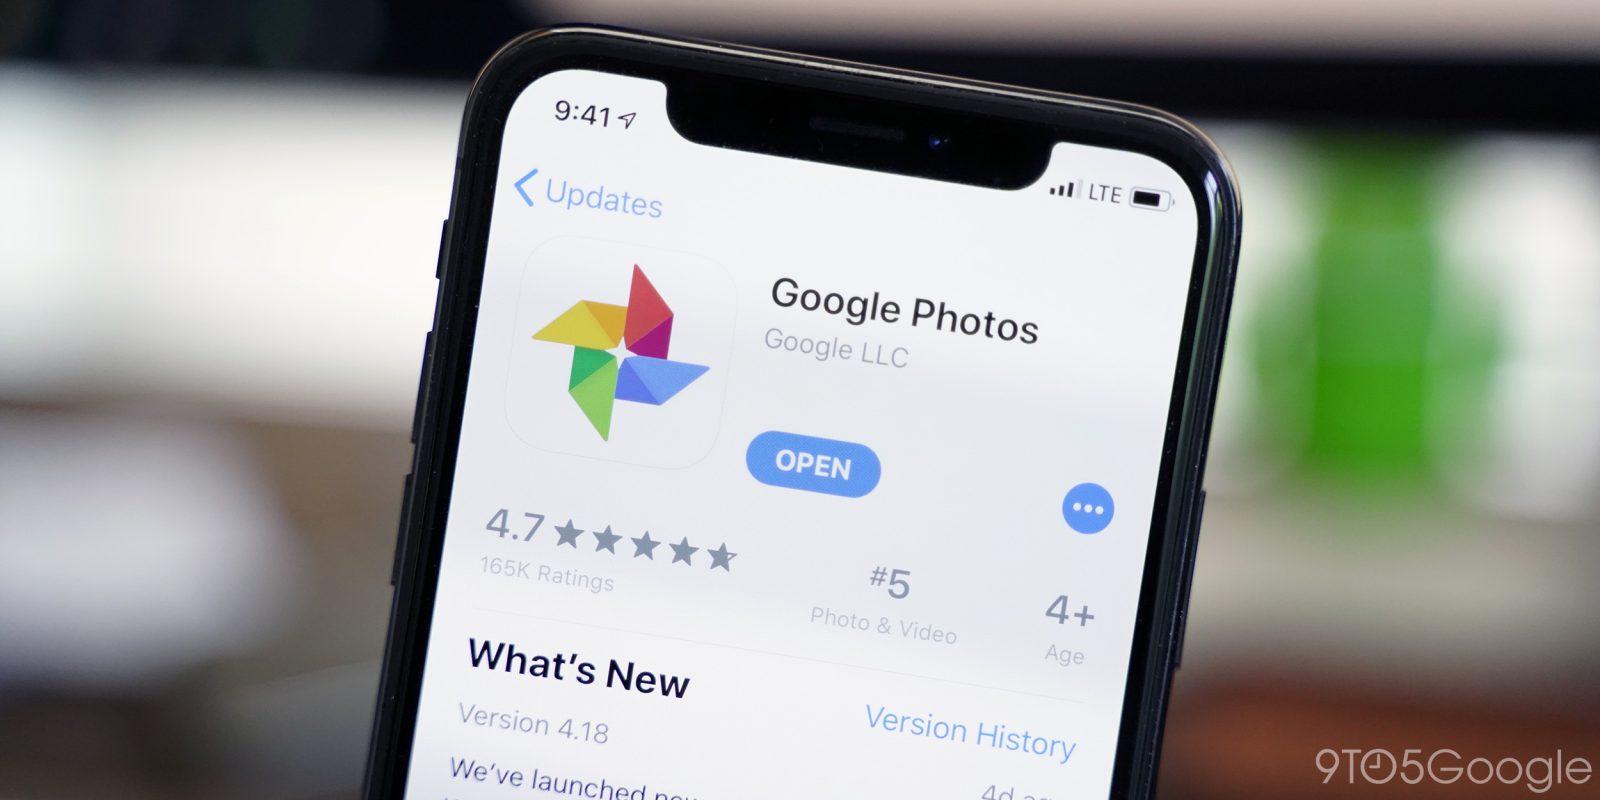 Google Photos sync may be fixed w/ iOS 13 background API - 9to5Google